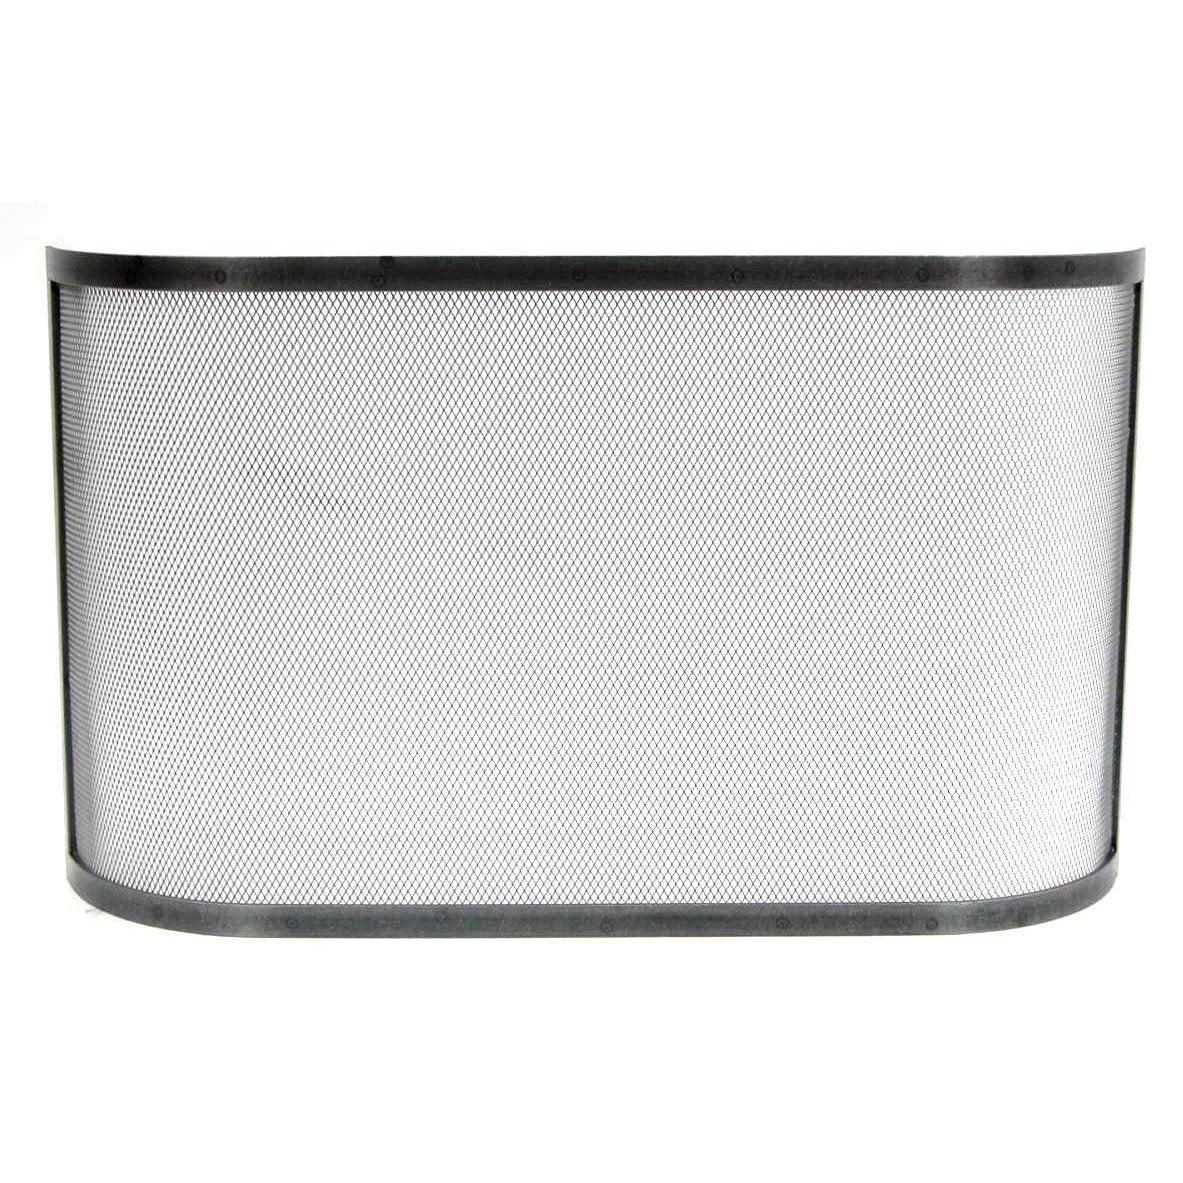 pare feu 1 volet lemarquier pfs1504g fer forg leroy merlin. Black Bedroom Furniture Sets. Home Design Ideas